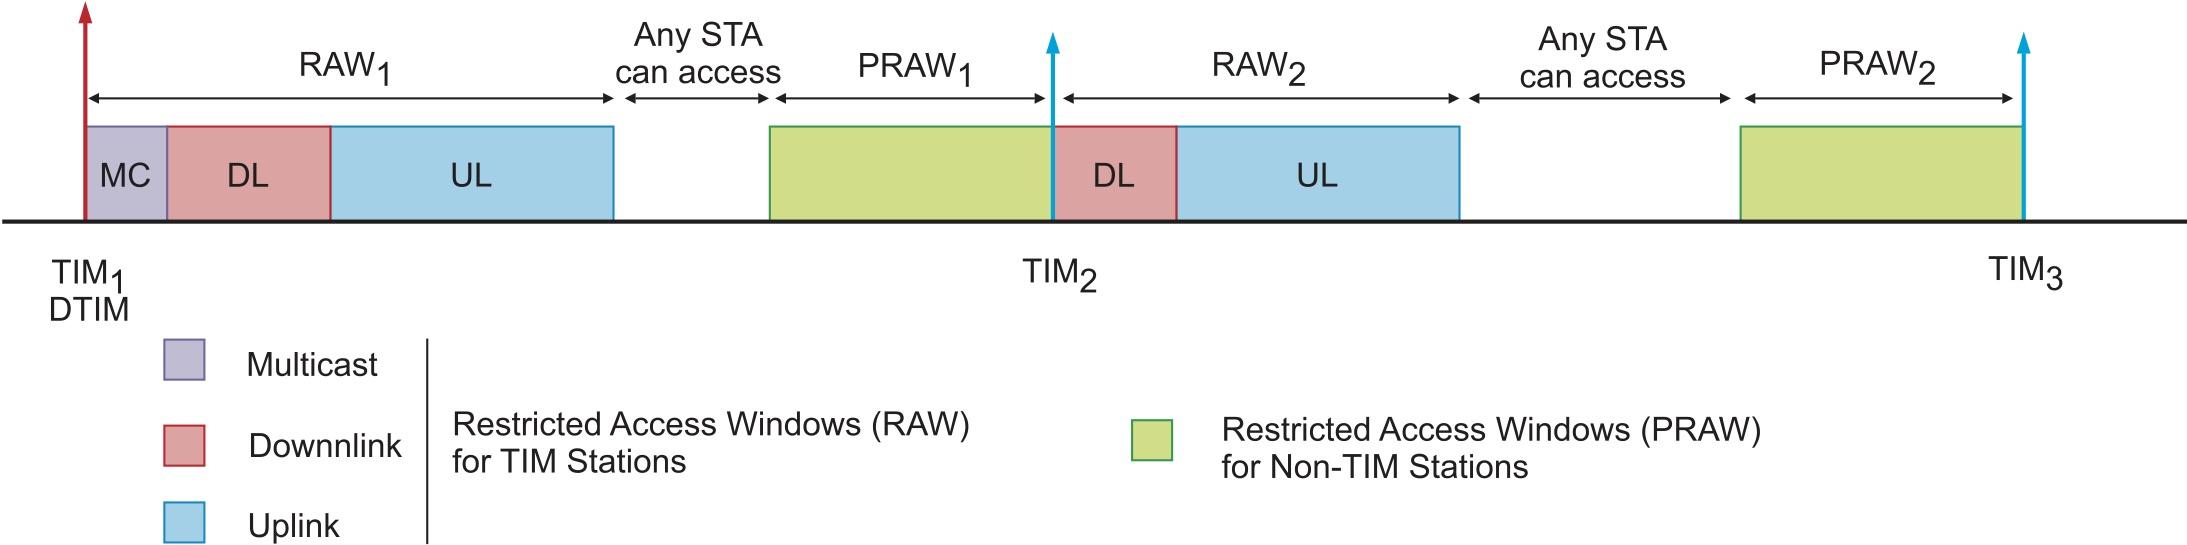 Распределение каналов в окнах постоянного ограниченного доступа (RAW) и периодически ограниченного доступа (PRAW)